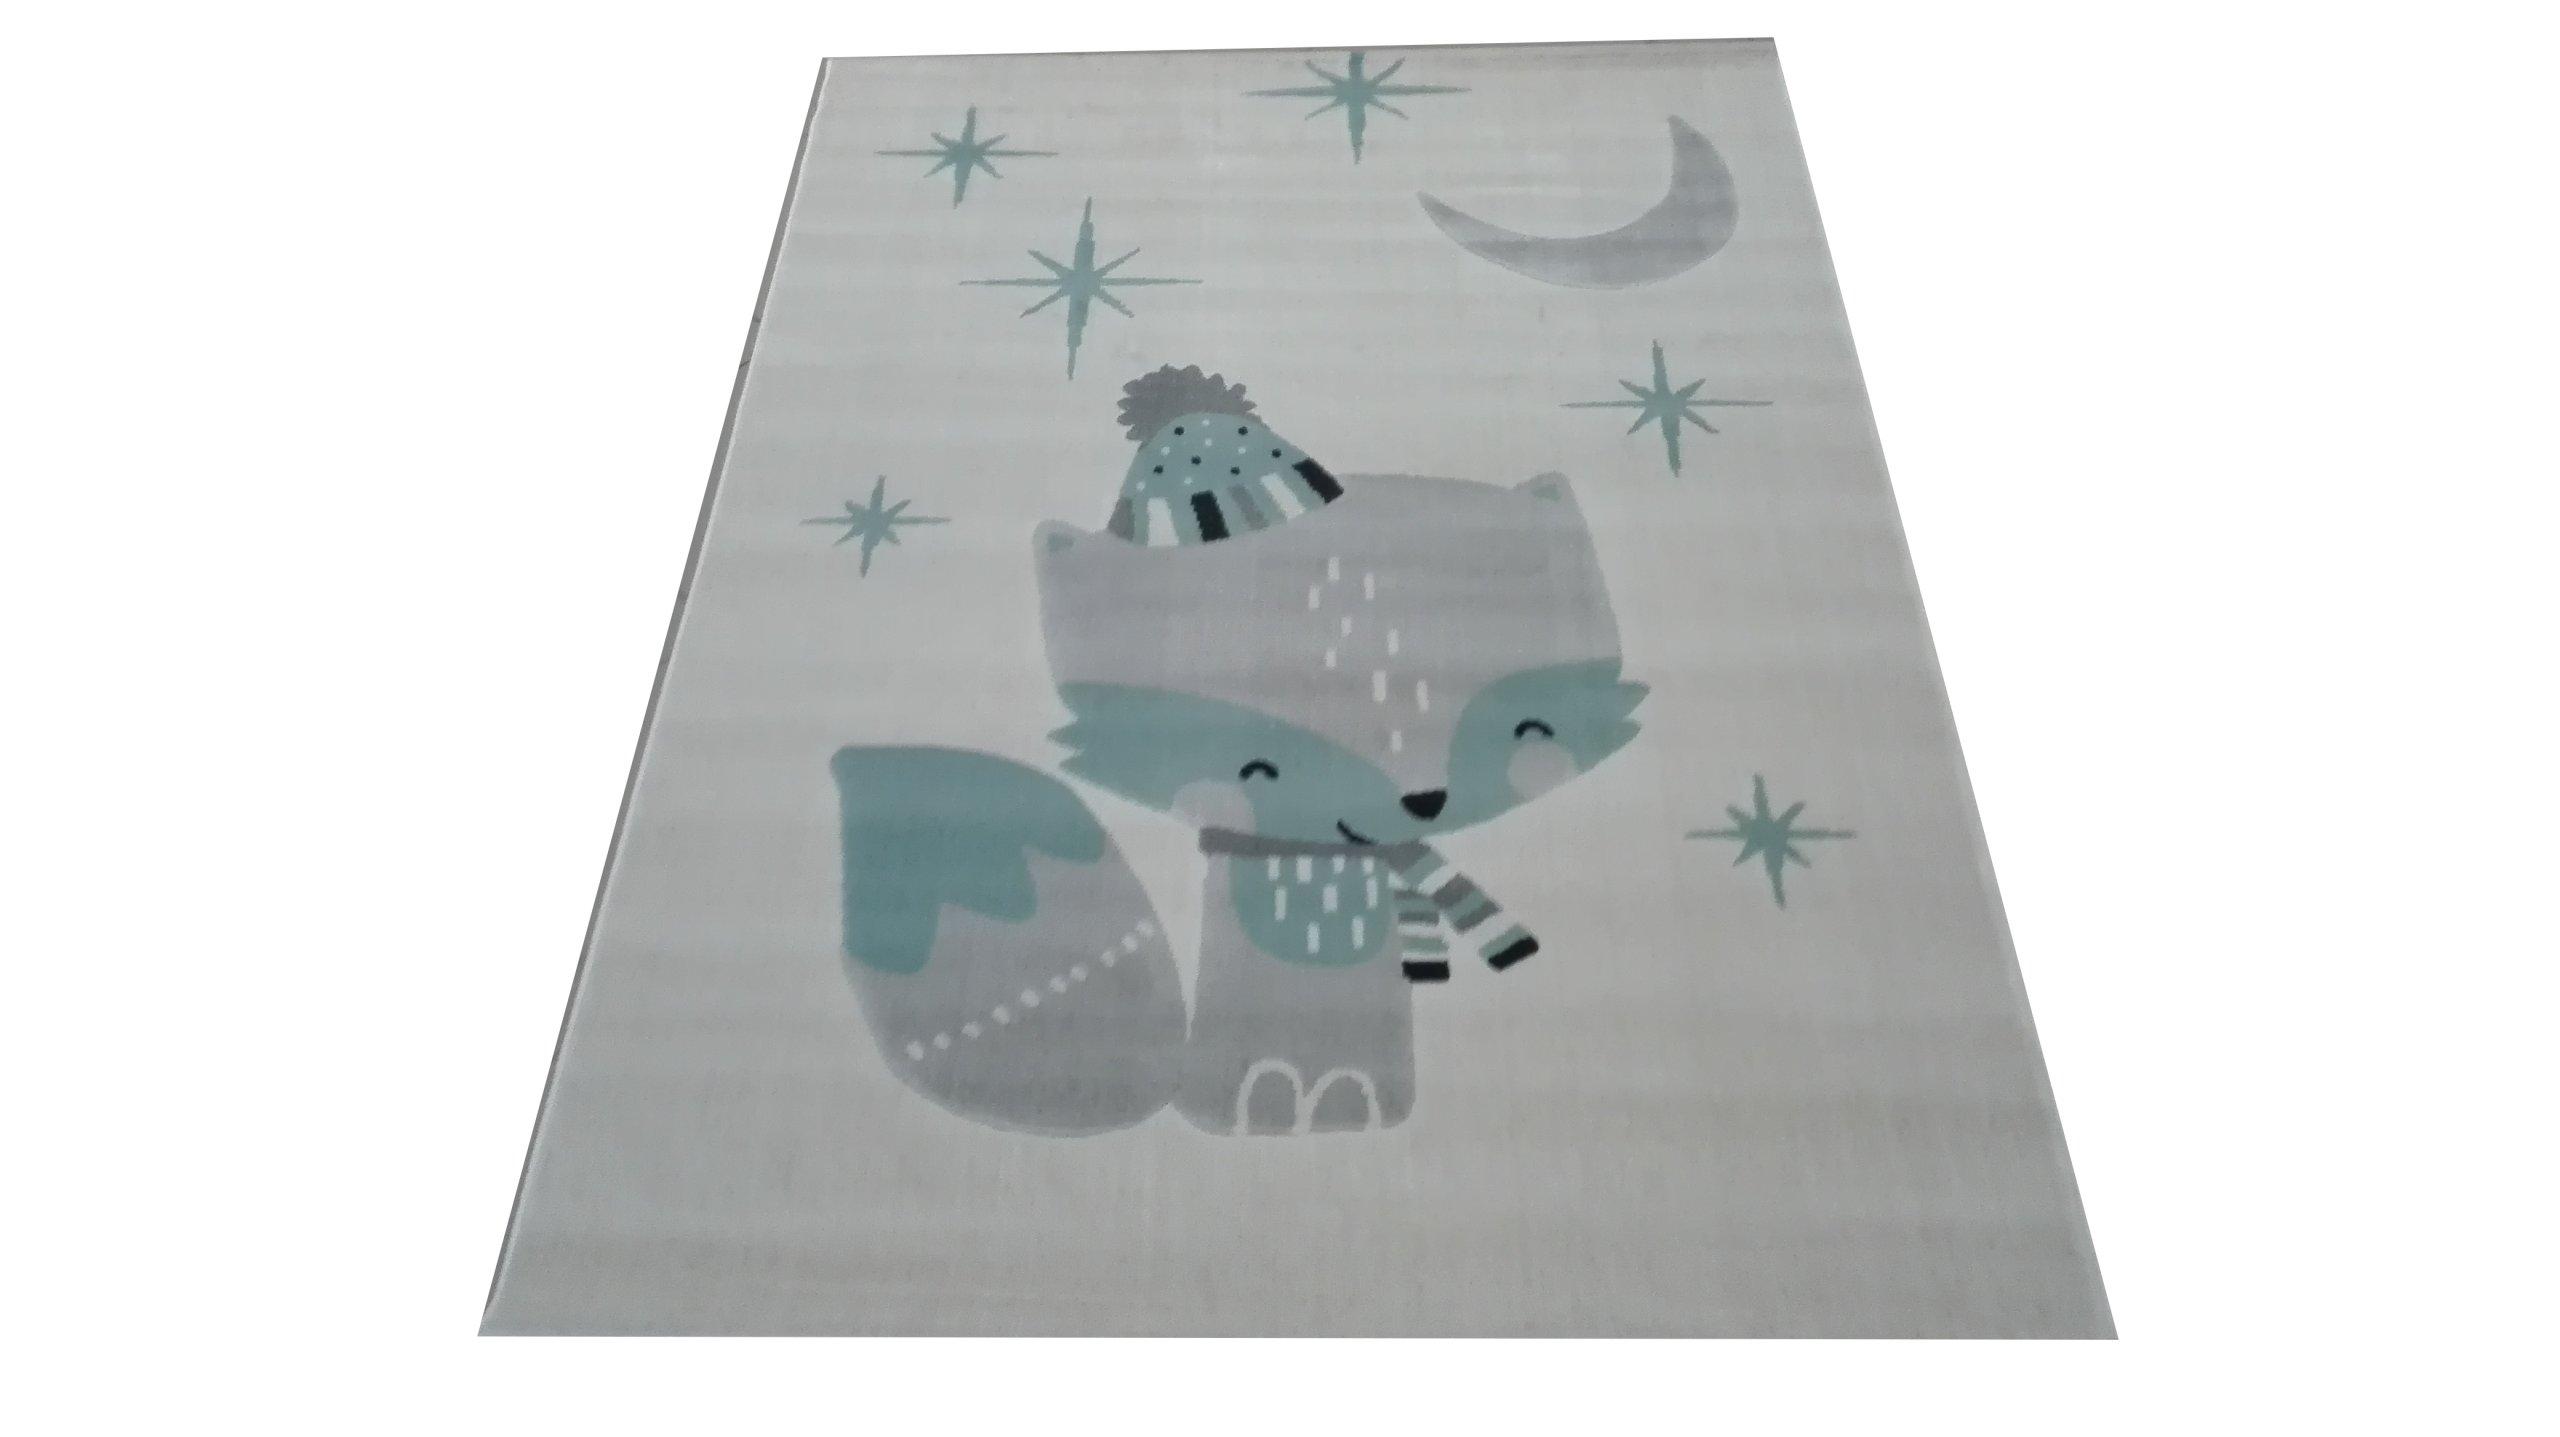 KOBEREC plátno 120X170 SCANDYNAVIA FOX Béžová šedá